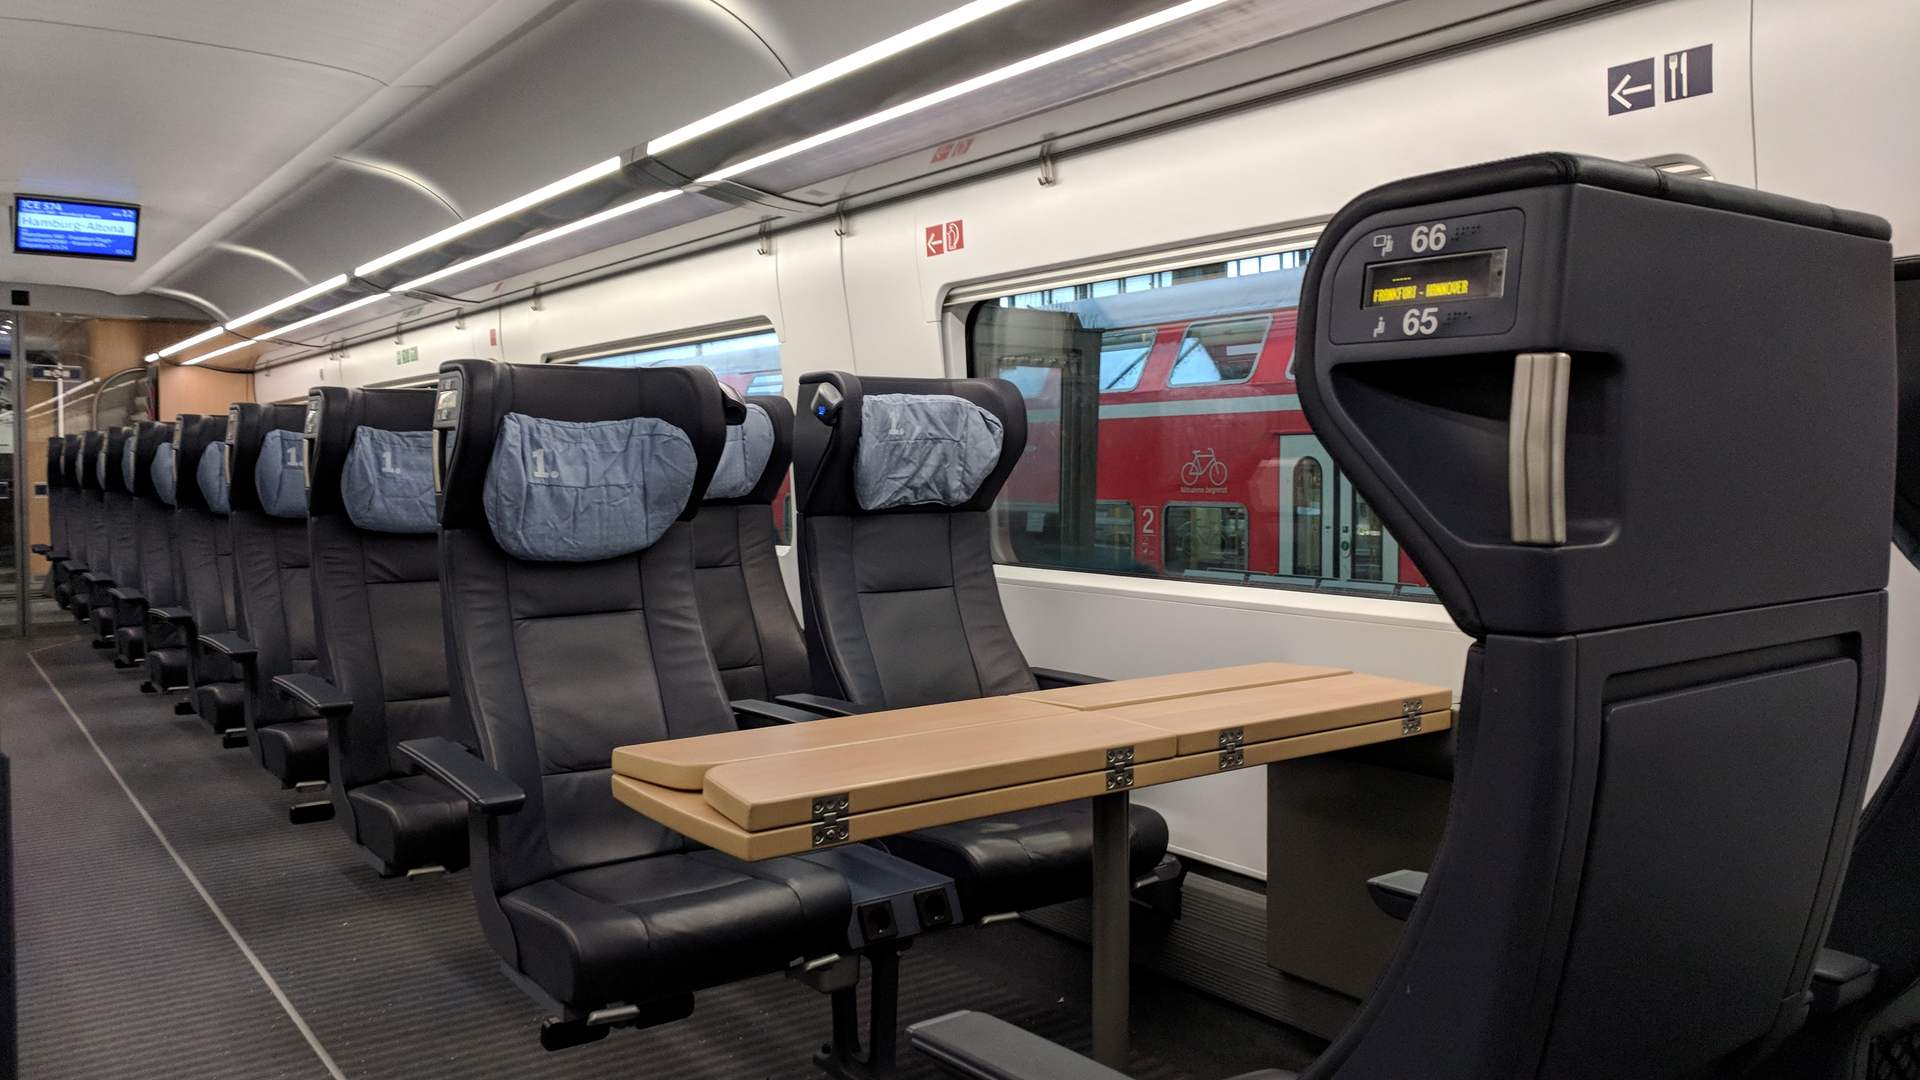 DB Bahn ICE 4 1. Klasse